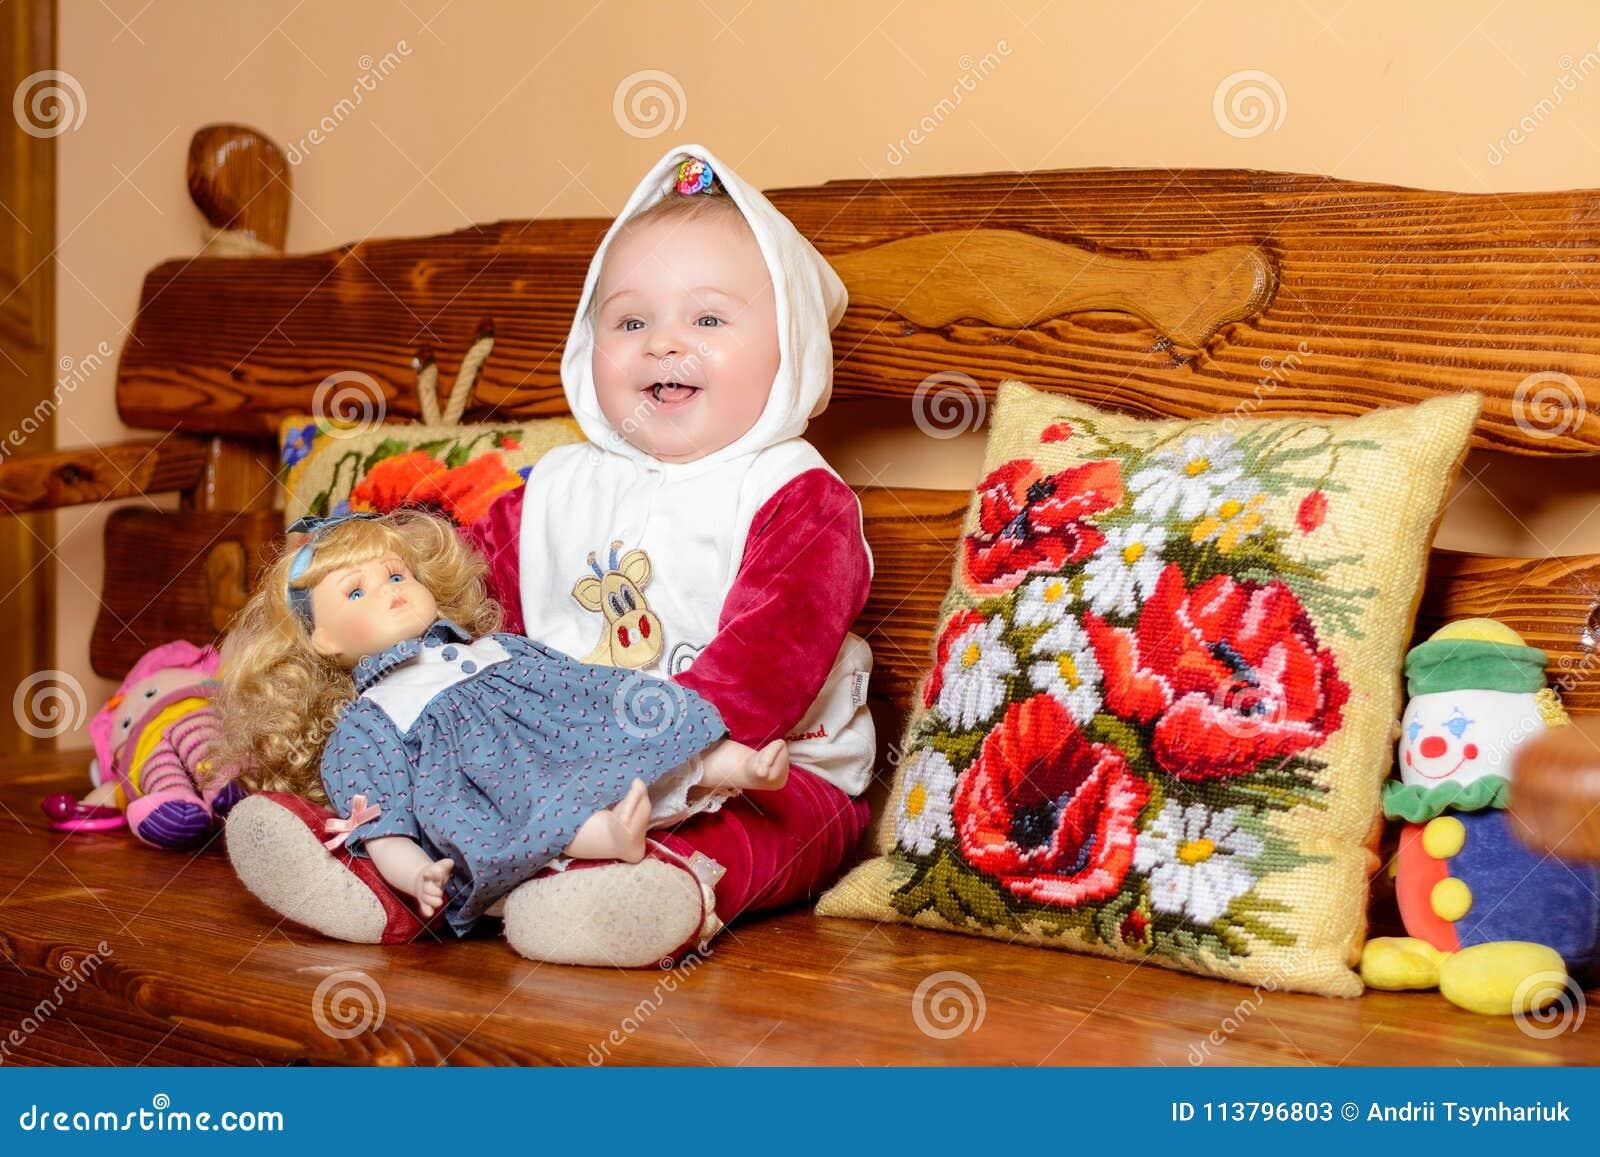 Un petit enfant dans un châle se reposant sur un sofa avec les oreillers brodés